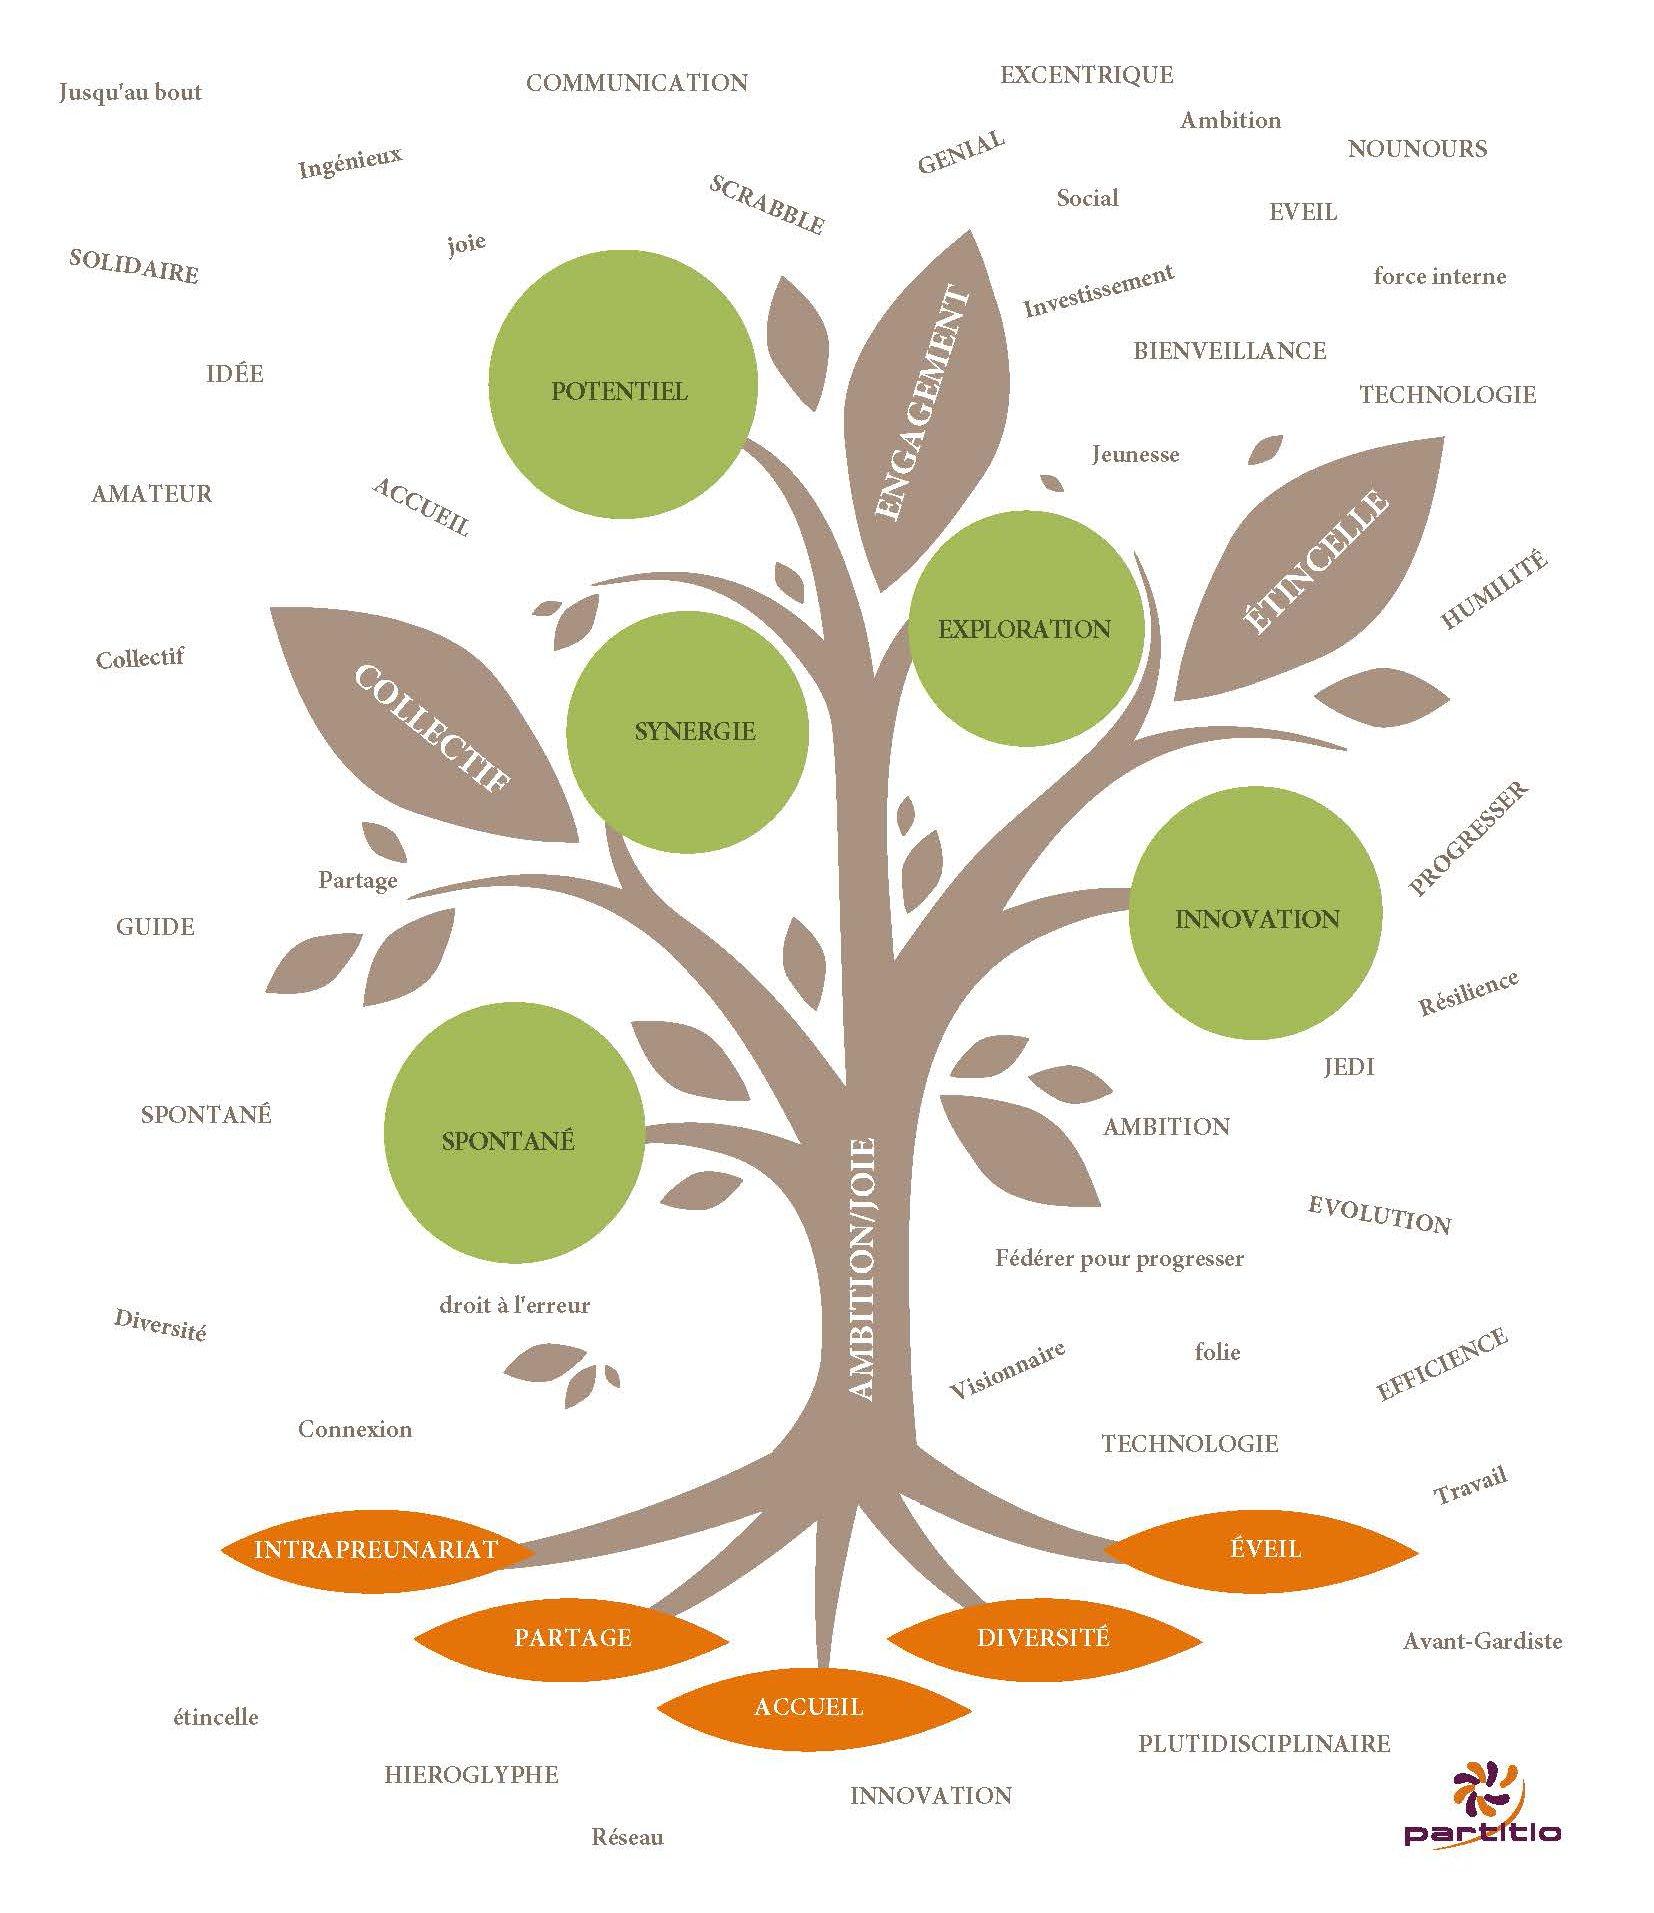 L'arbre de l'identité Partitio revisité